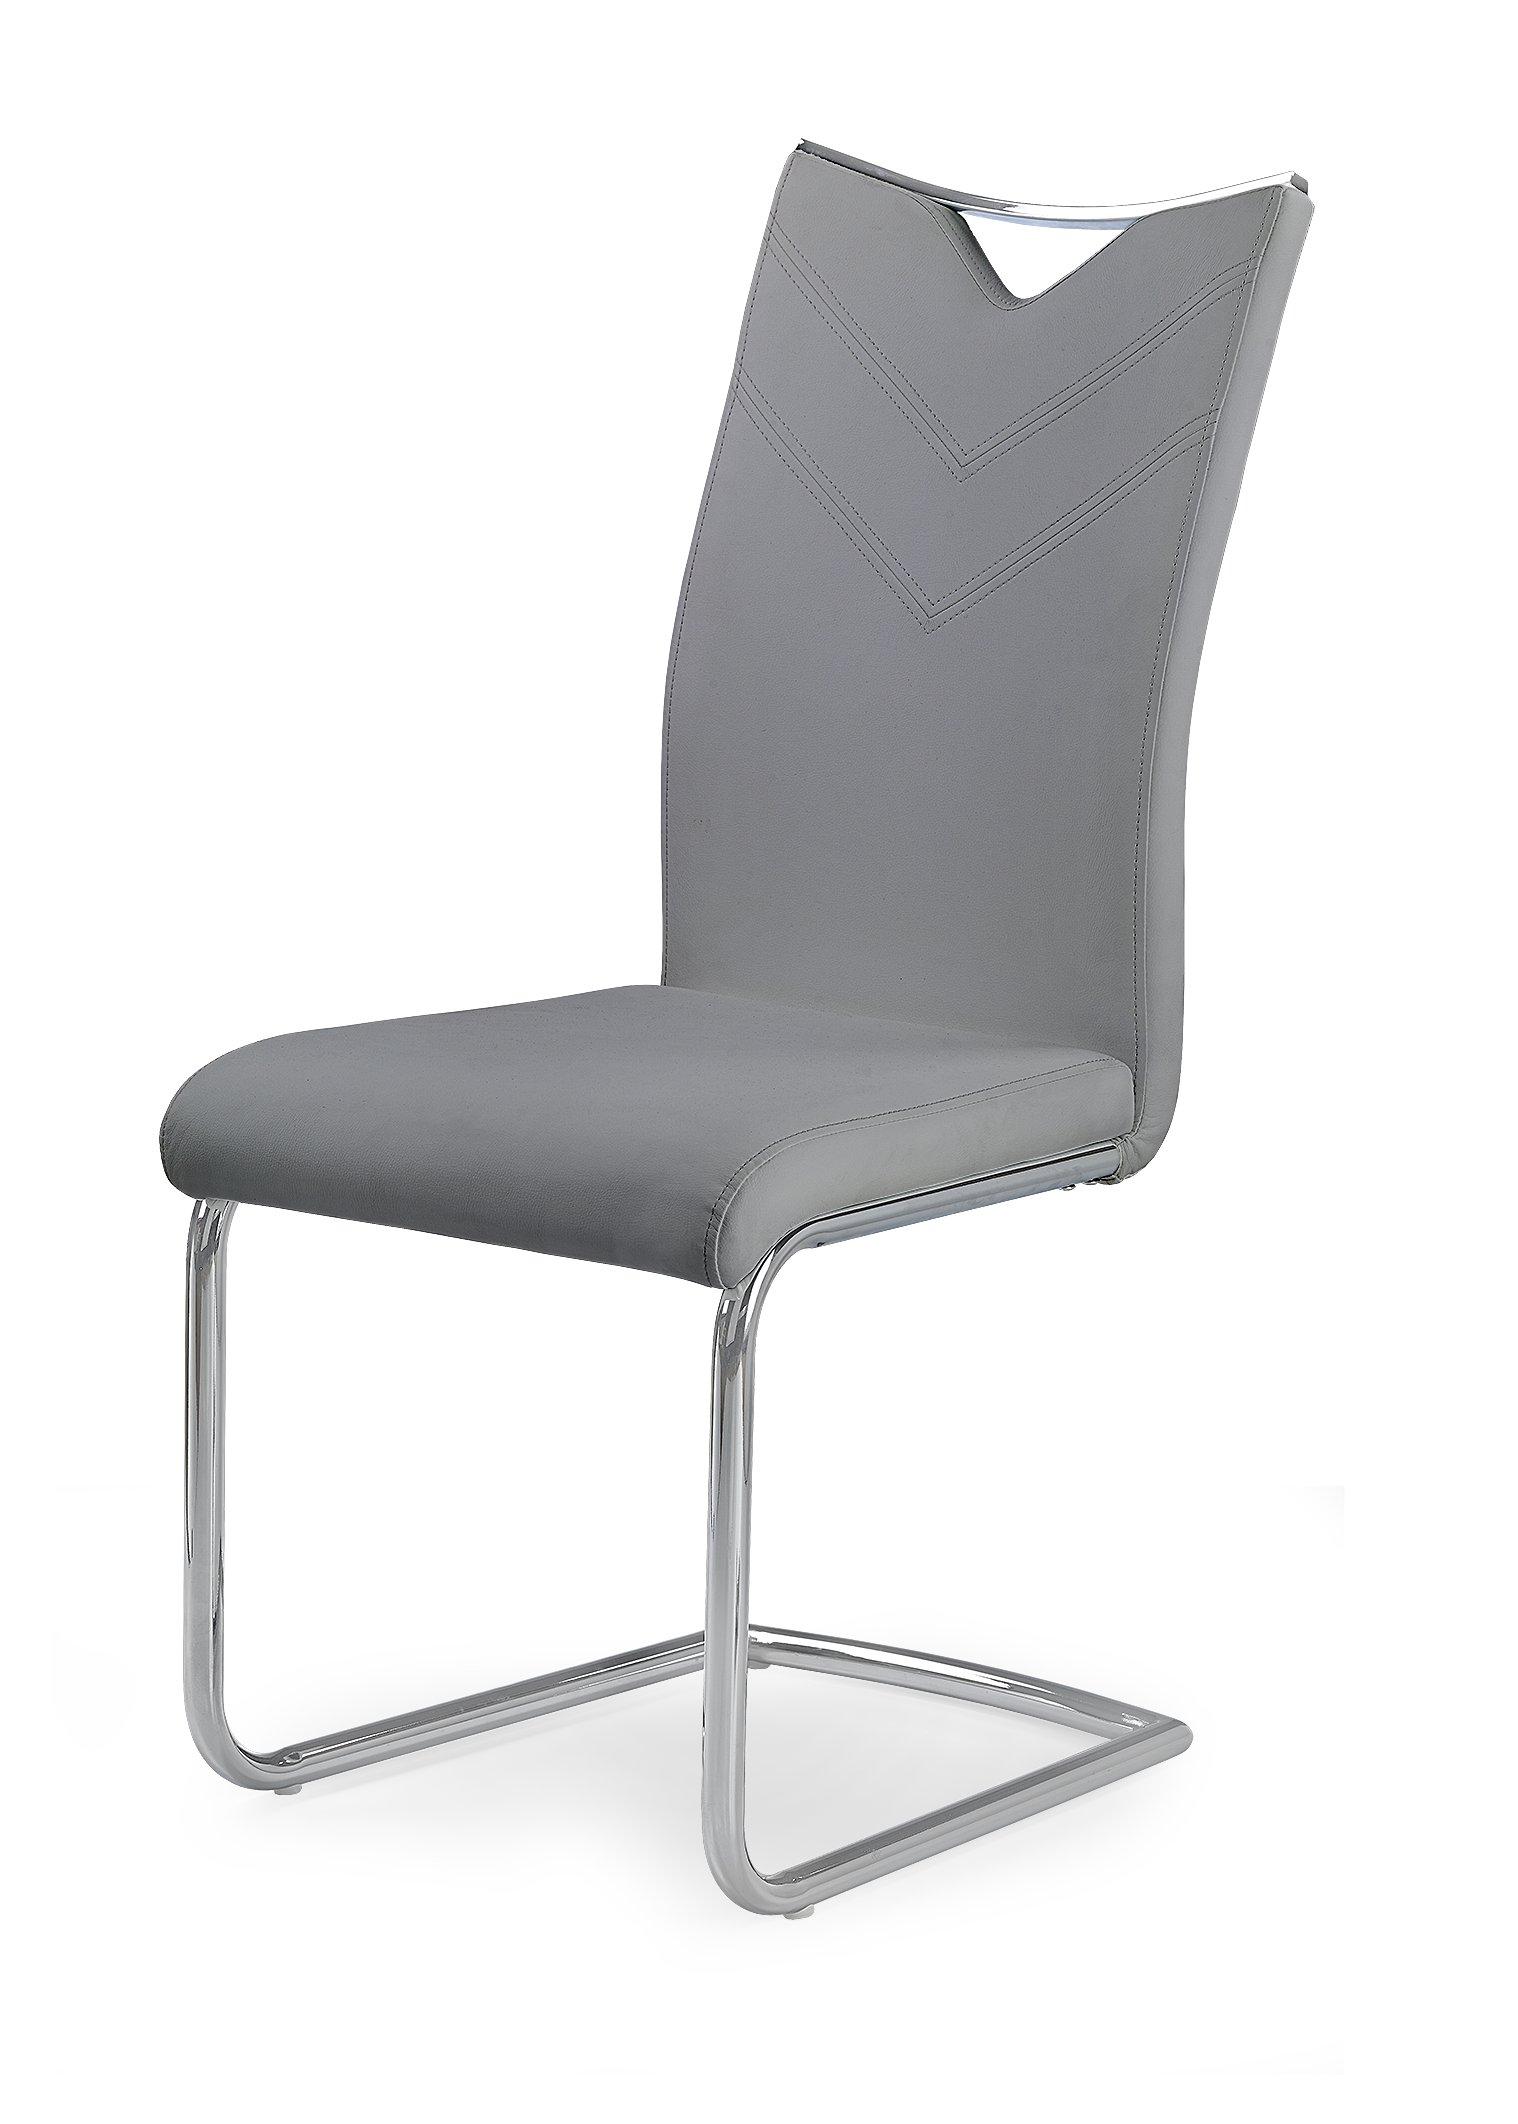 Scaun tapitat cu piele ecologica, cu picioare metalice K224 Grey, l44xA59xH100 cm somproduct.ro